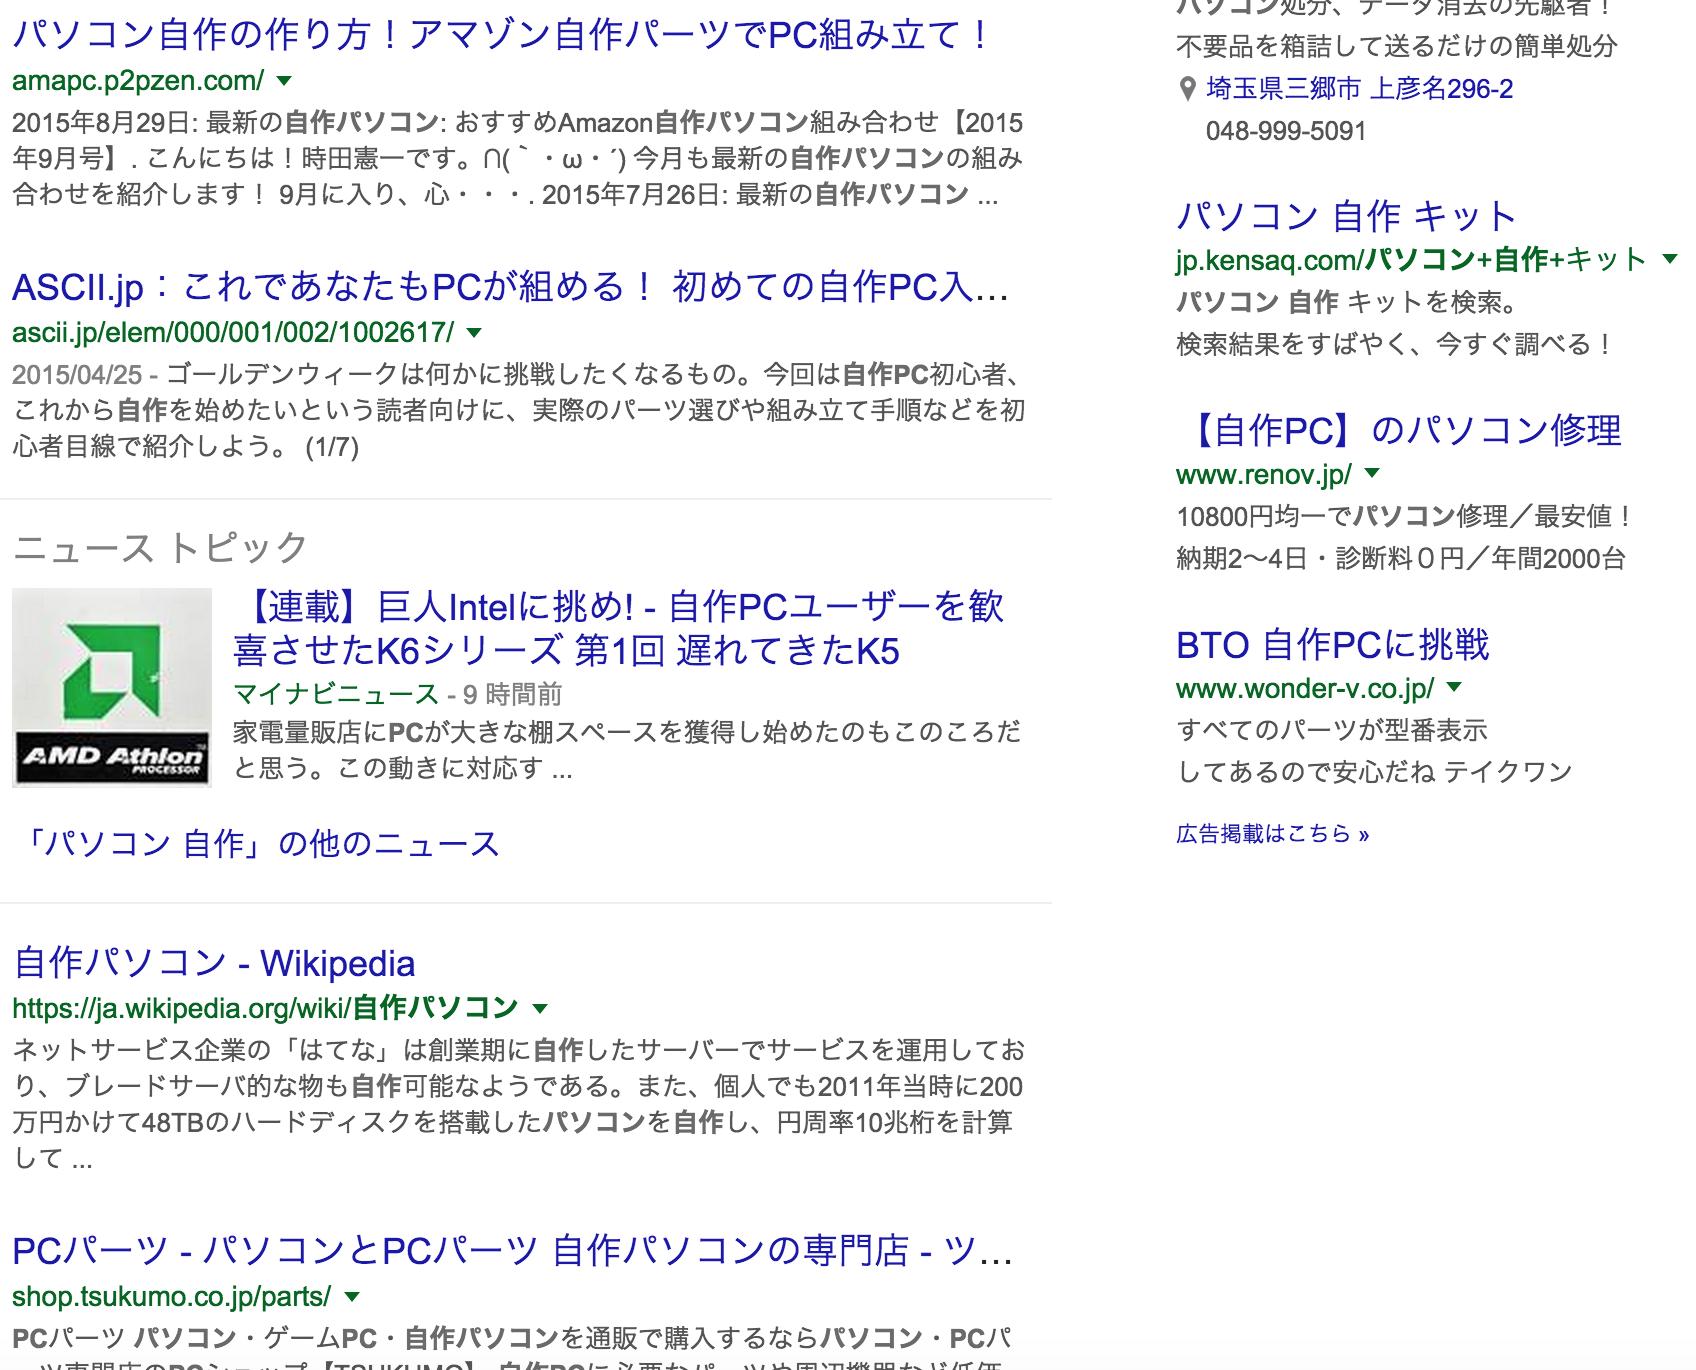 スクリーンショット 2015-08-31 21.04.01